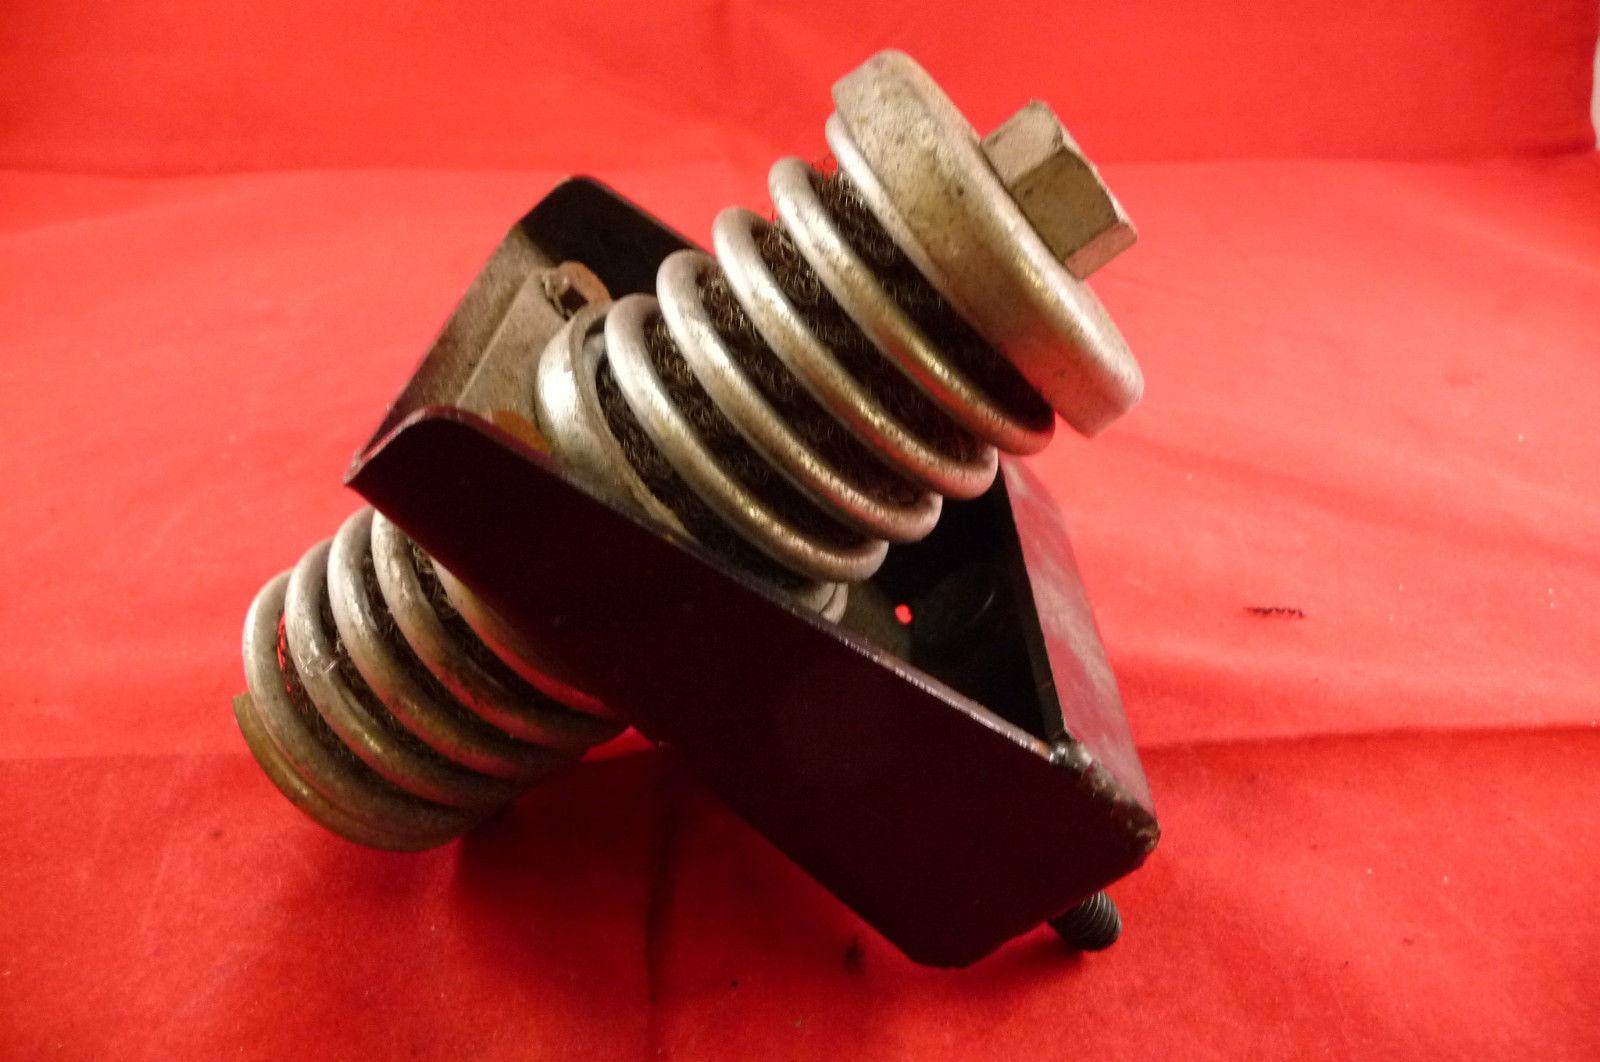 Lamborghini Vibration ABS Support Ass. Muffler Damper Mount 400251393130643908025